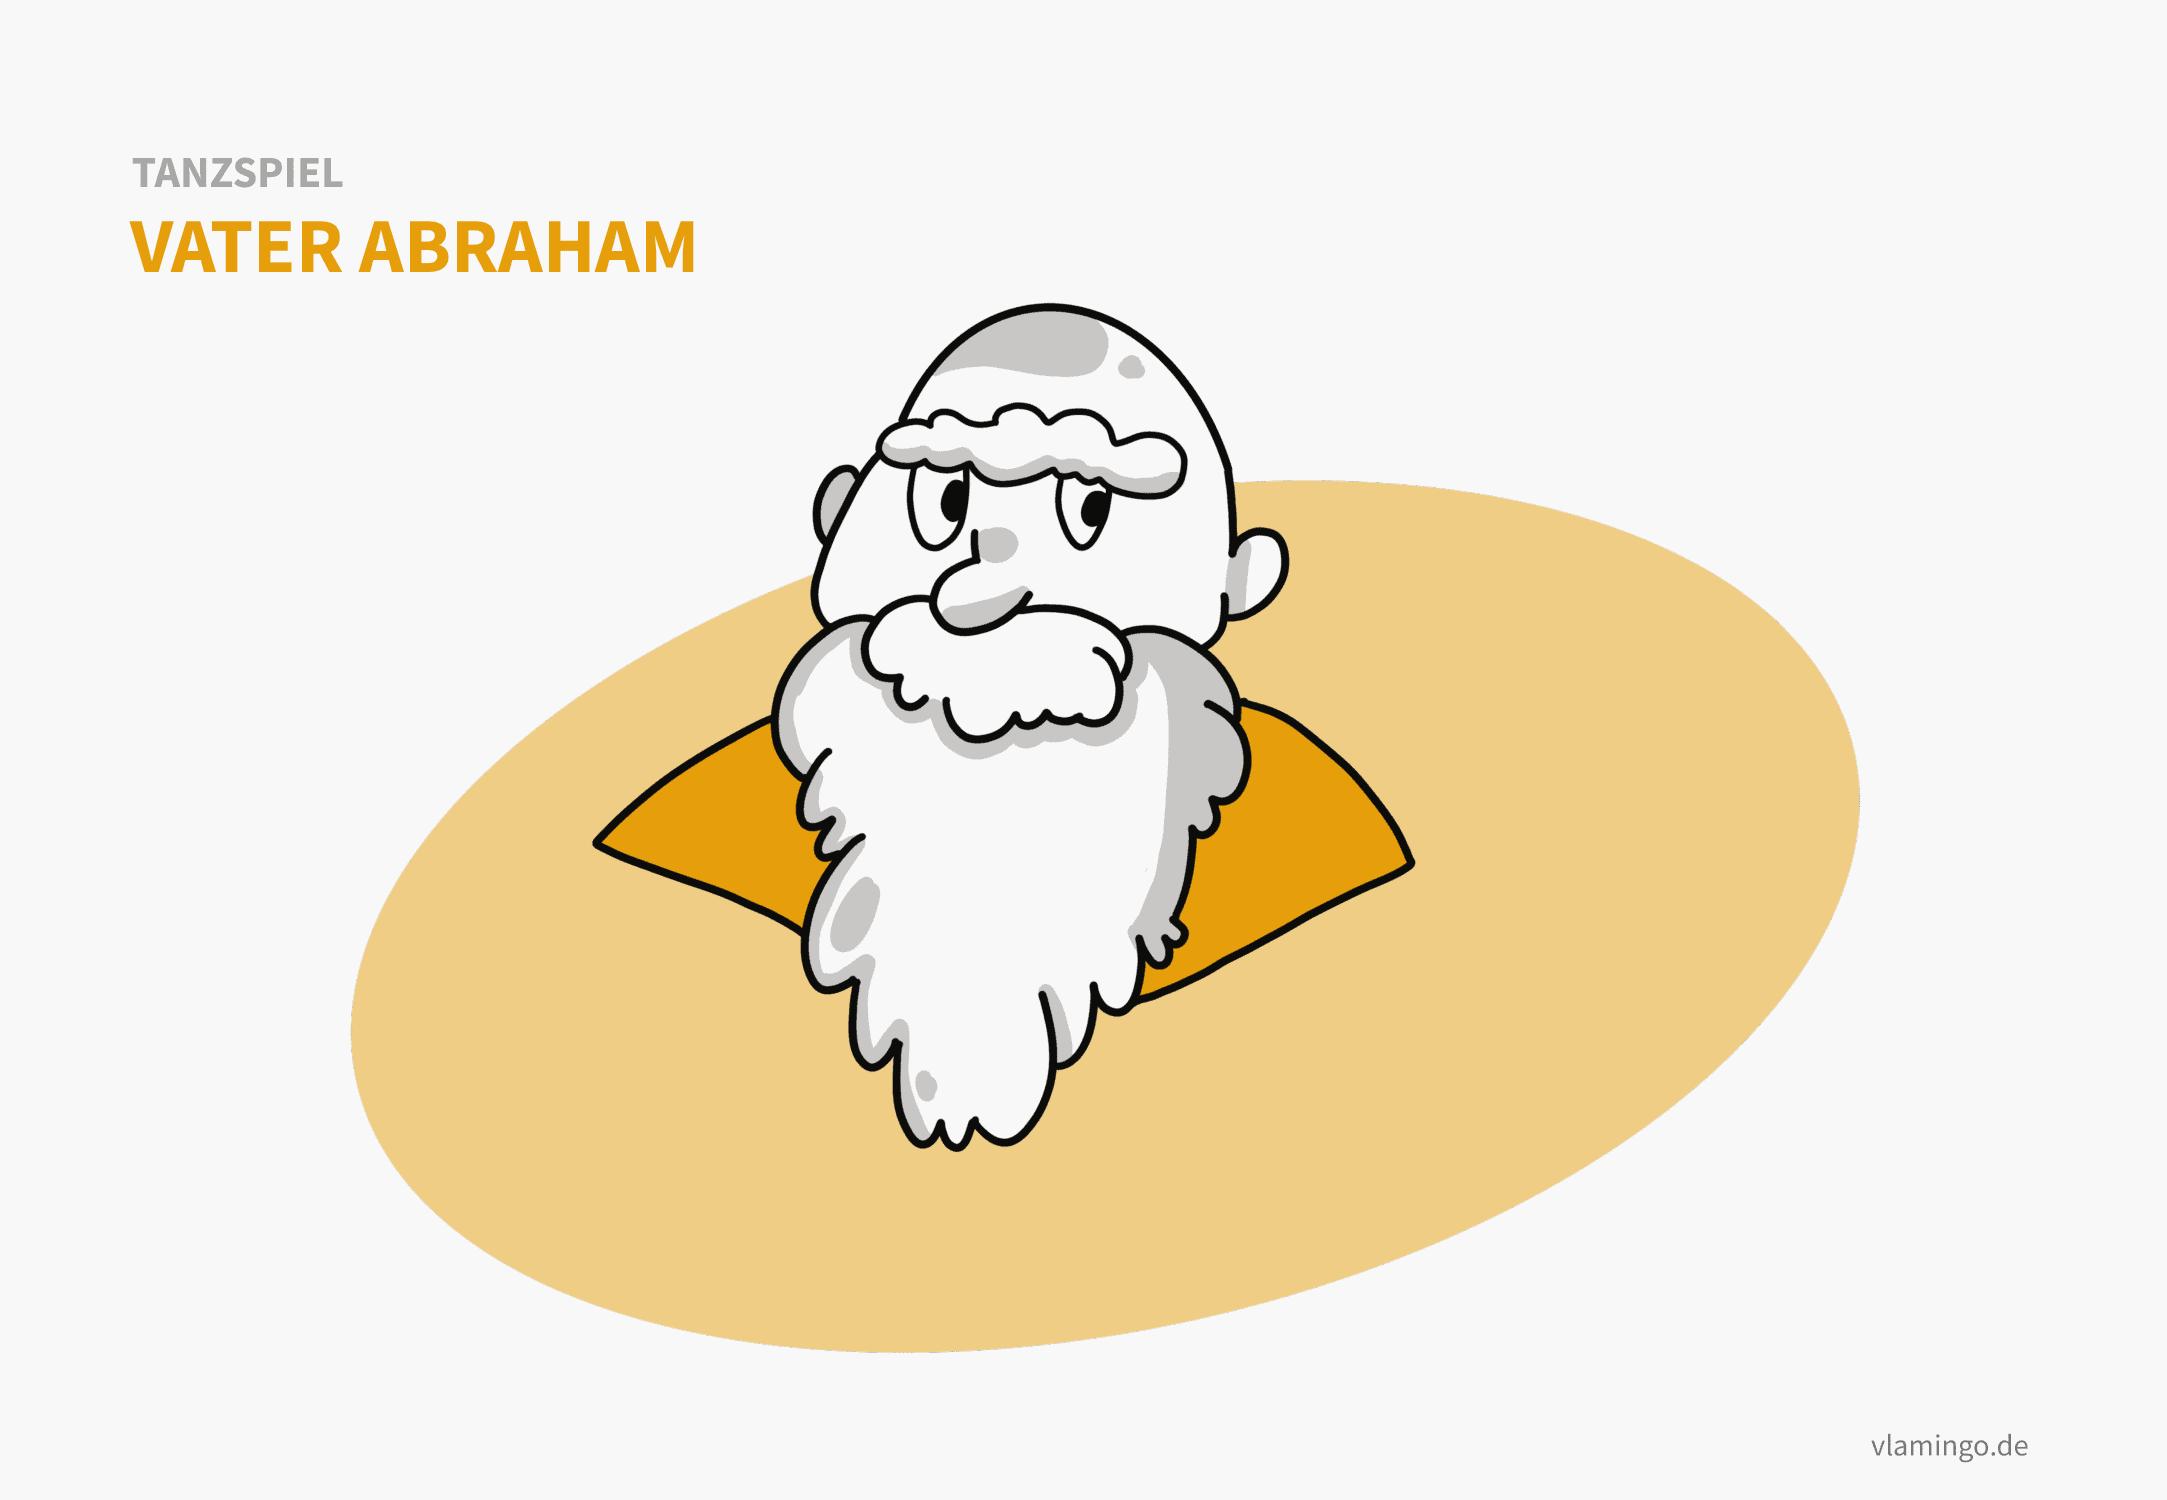 Tanzspiel - Vater Abraham